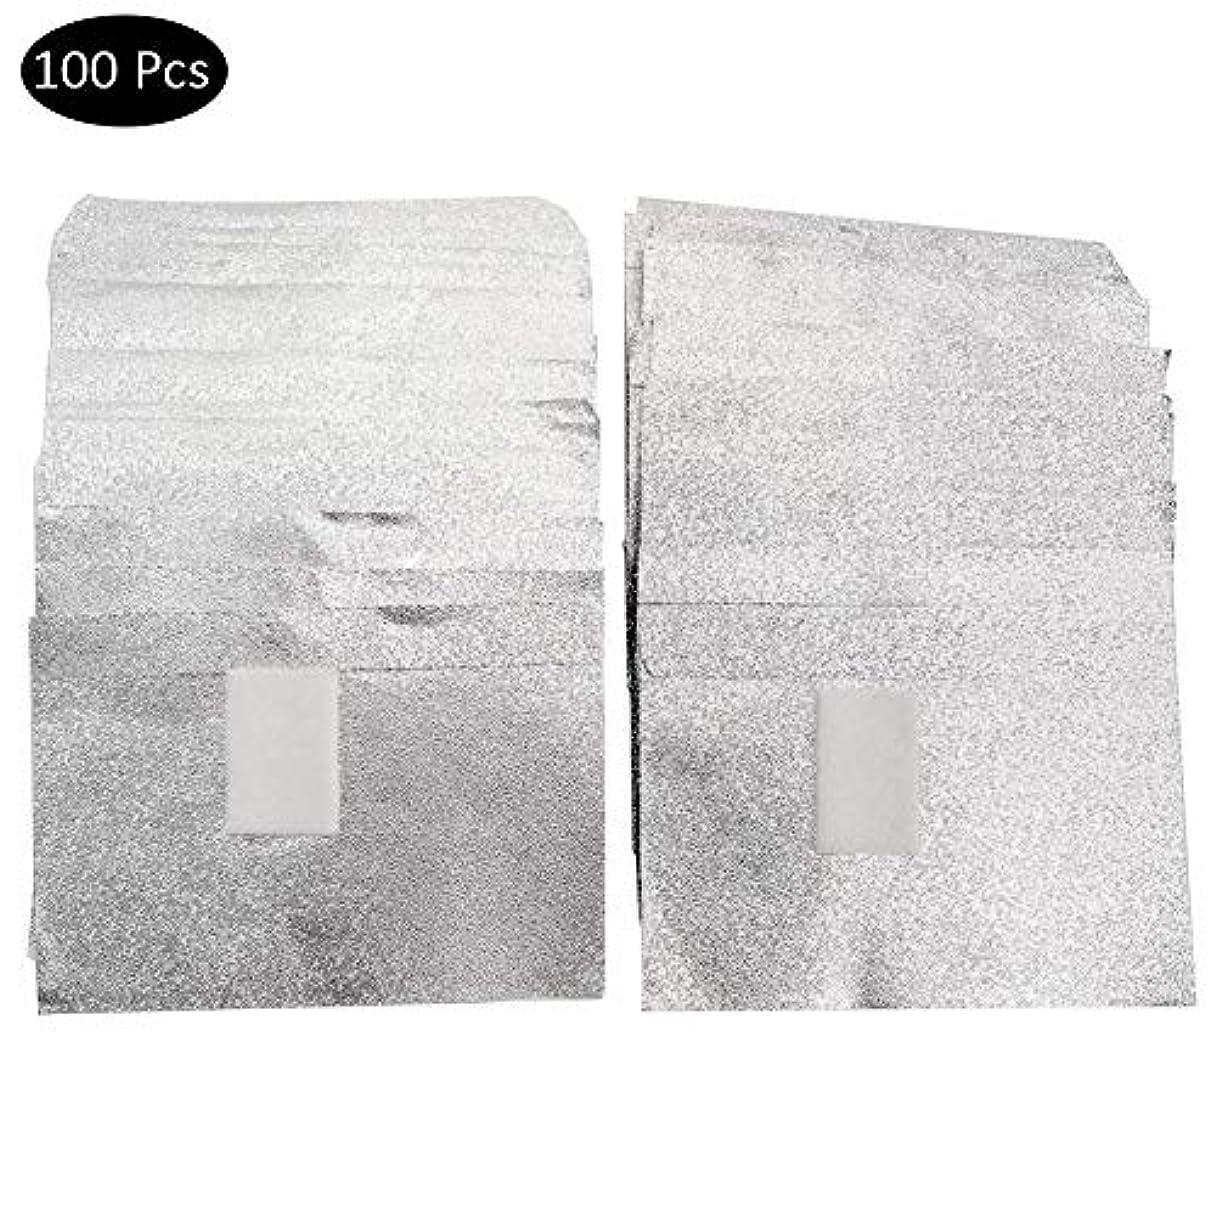 賢い麻痺意味のあるSILUN ネイルリムーバー錫箔ネイルポリッシュットン付きアルミホイル ジェル除却 使い捨て 爪マニキュア用品100枚入り使い捨て コットン付きアルミホイル ネイル用品 マニキュア用品